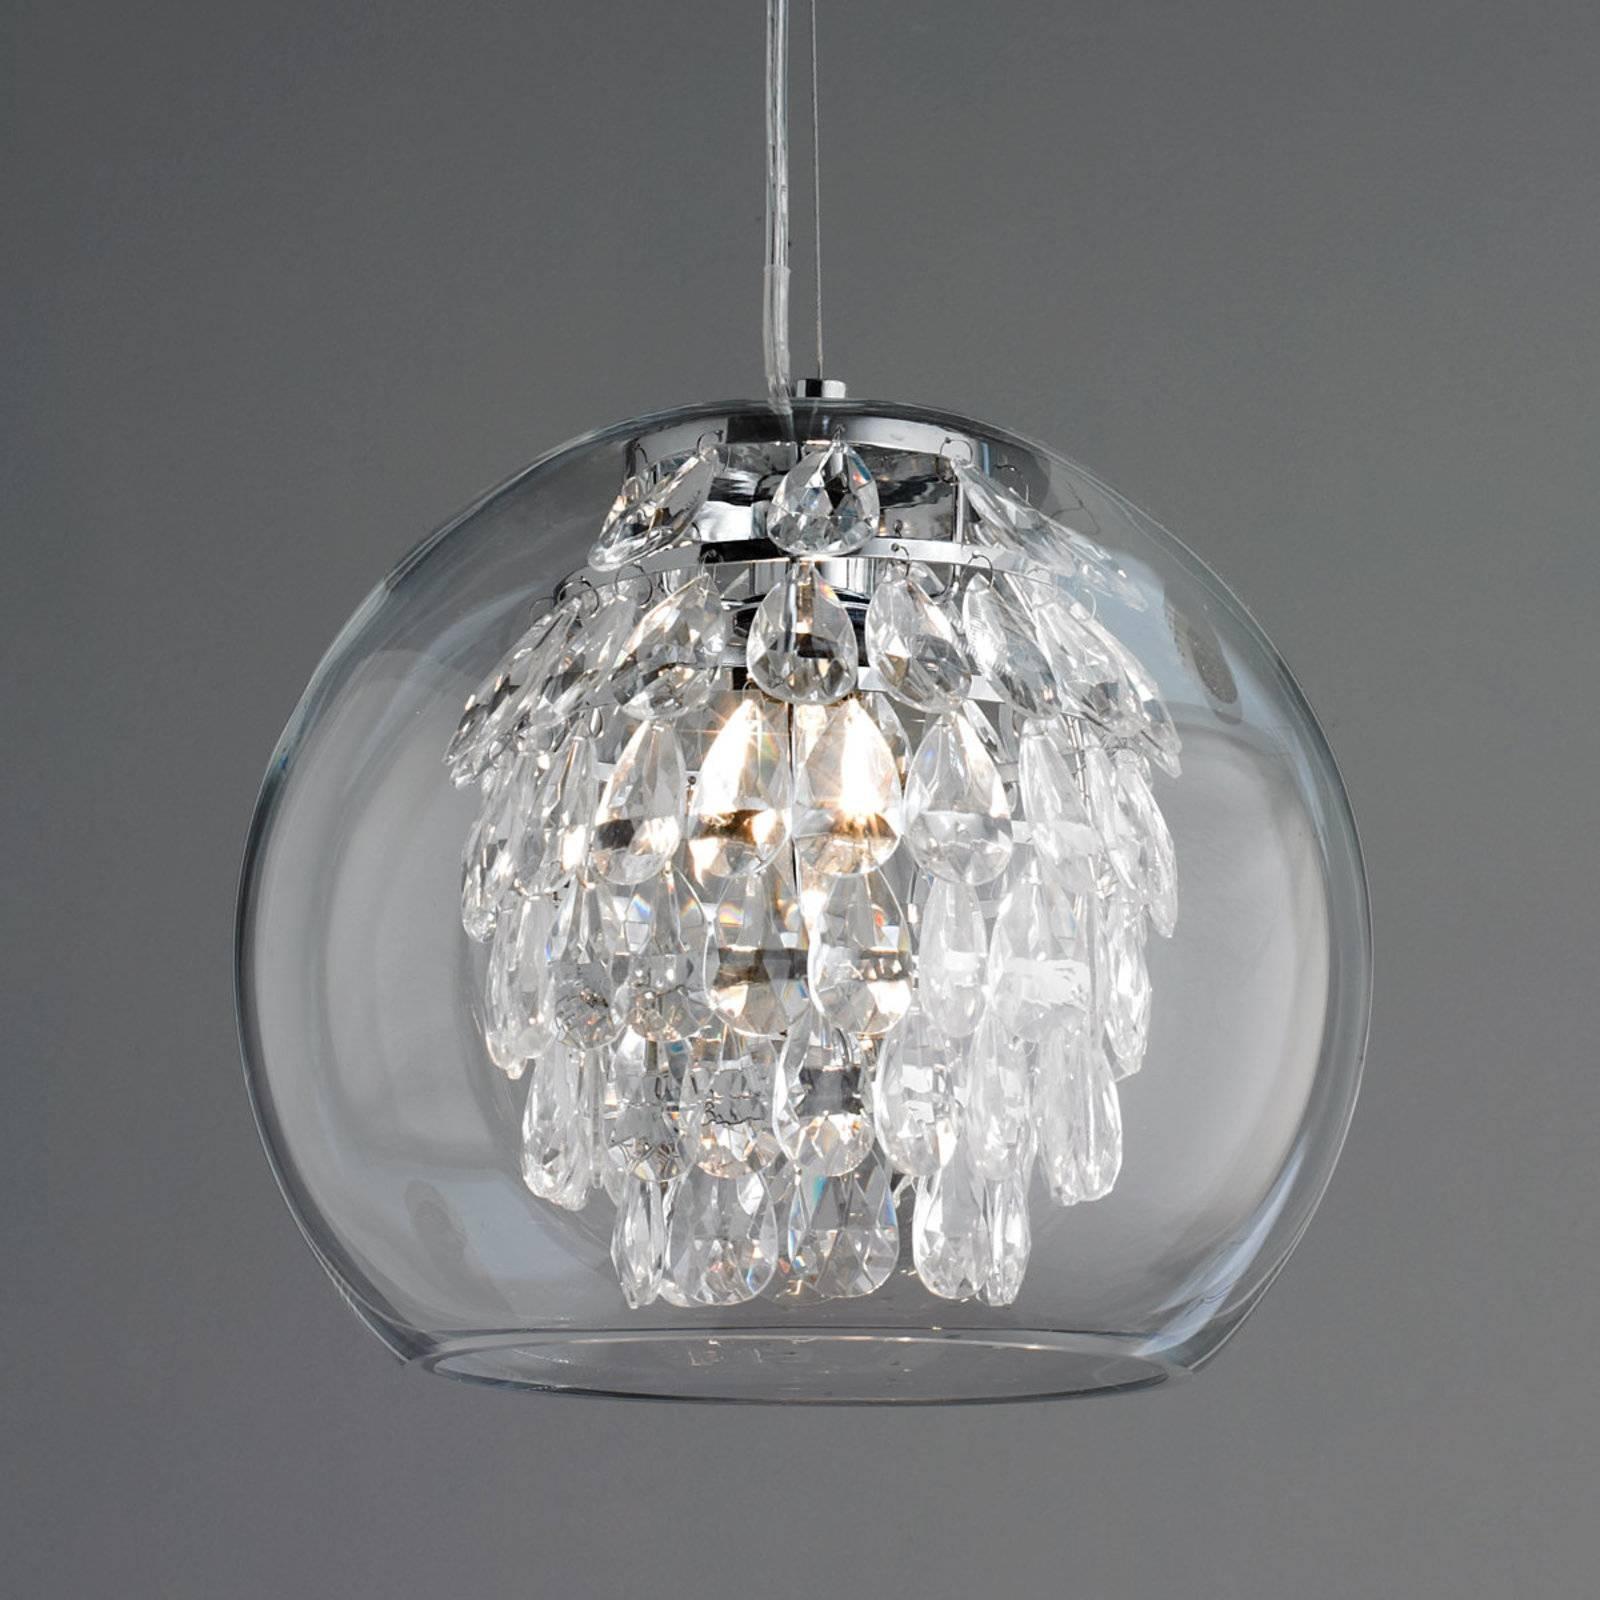 Lamp : Glass Sphere Chandelier Large Glass Globe Pendant Light Fan Intended For Globe Pendant Light Fixtures (View 15 of 15)